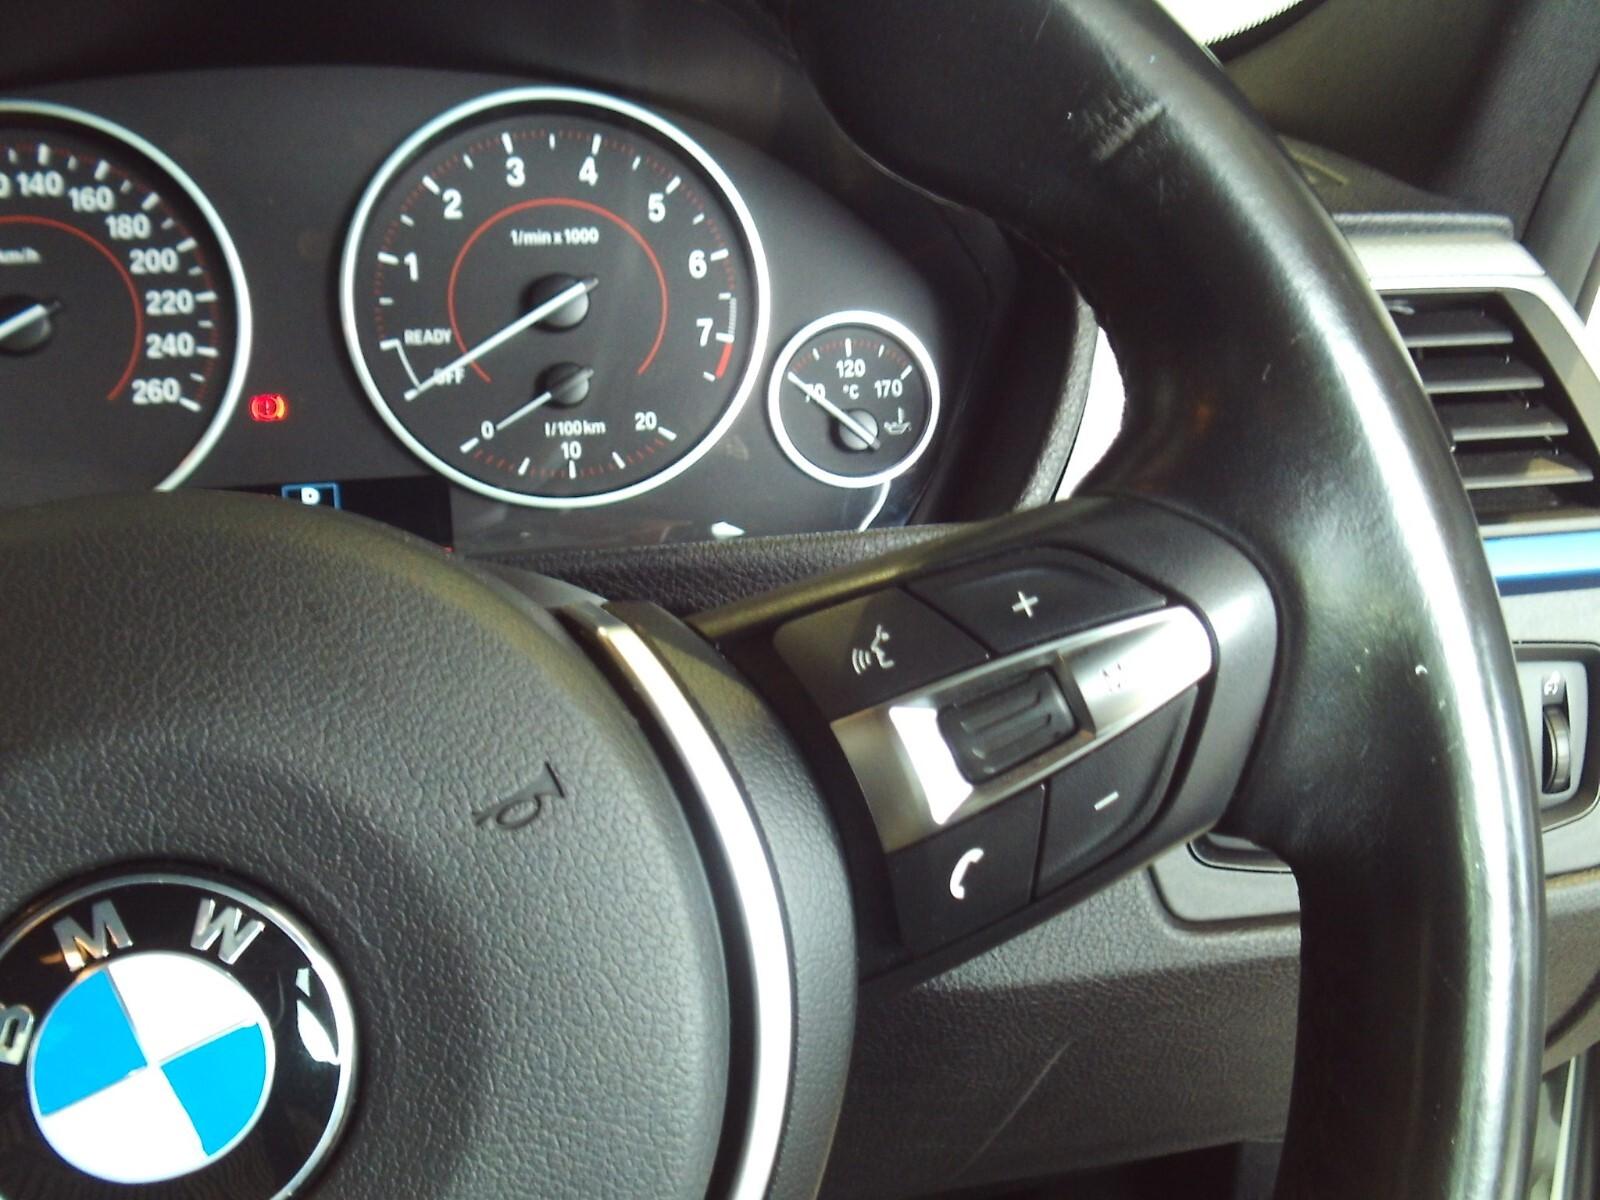 BMW 318i M SPORT A/T (F30) Roodepoort 10335162